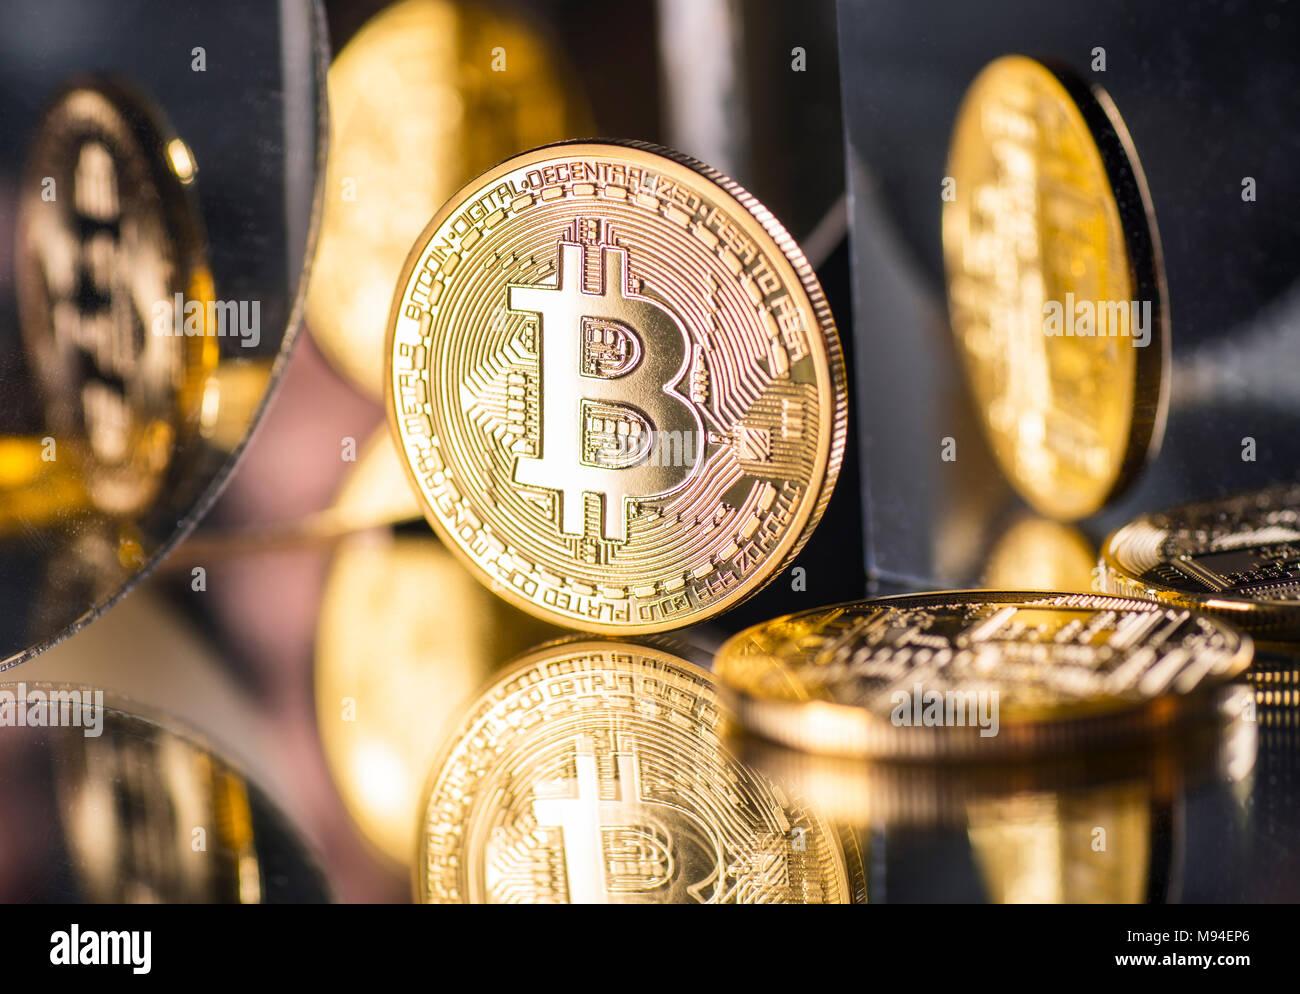 Coin de la crypto-monnaie Bitcoin avec plusieurs réflexions Photo Stock